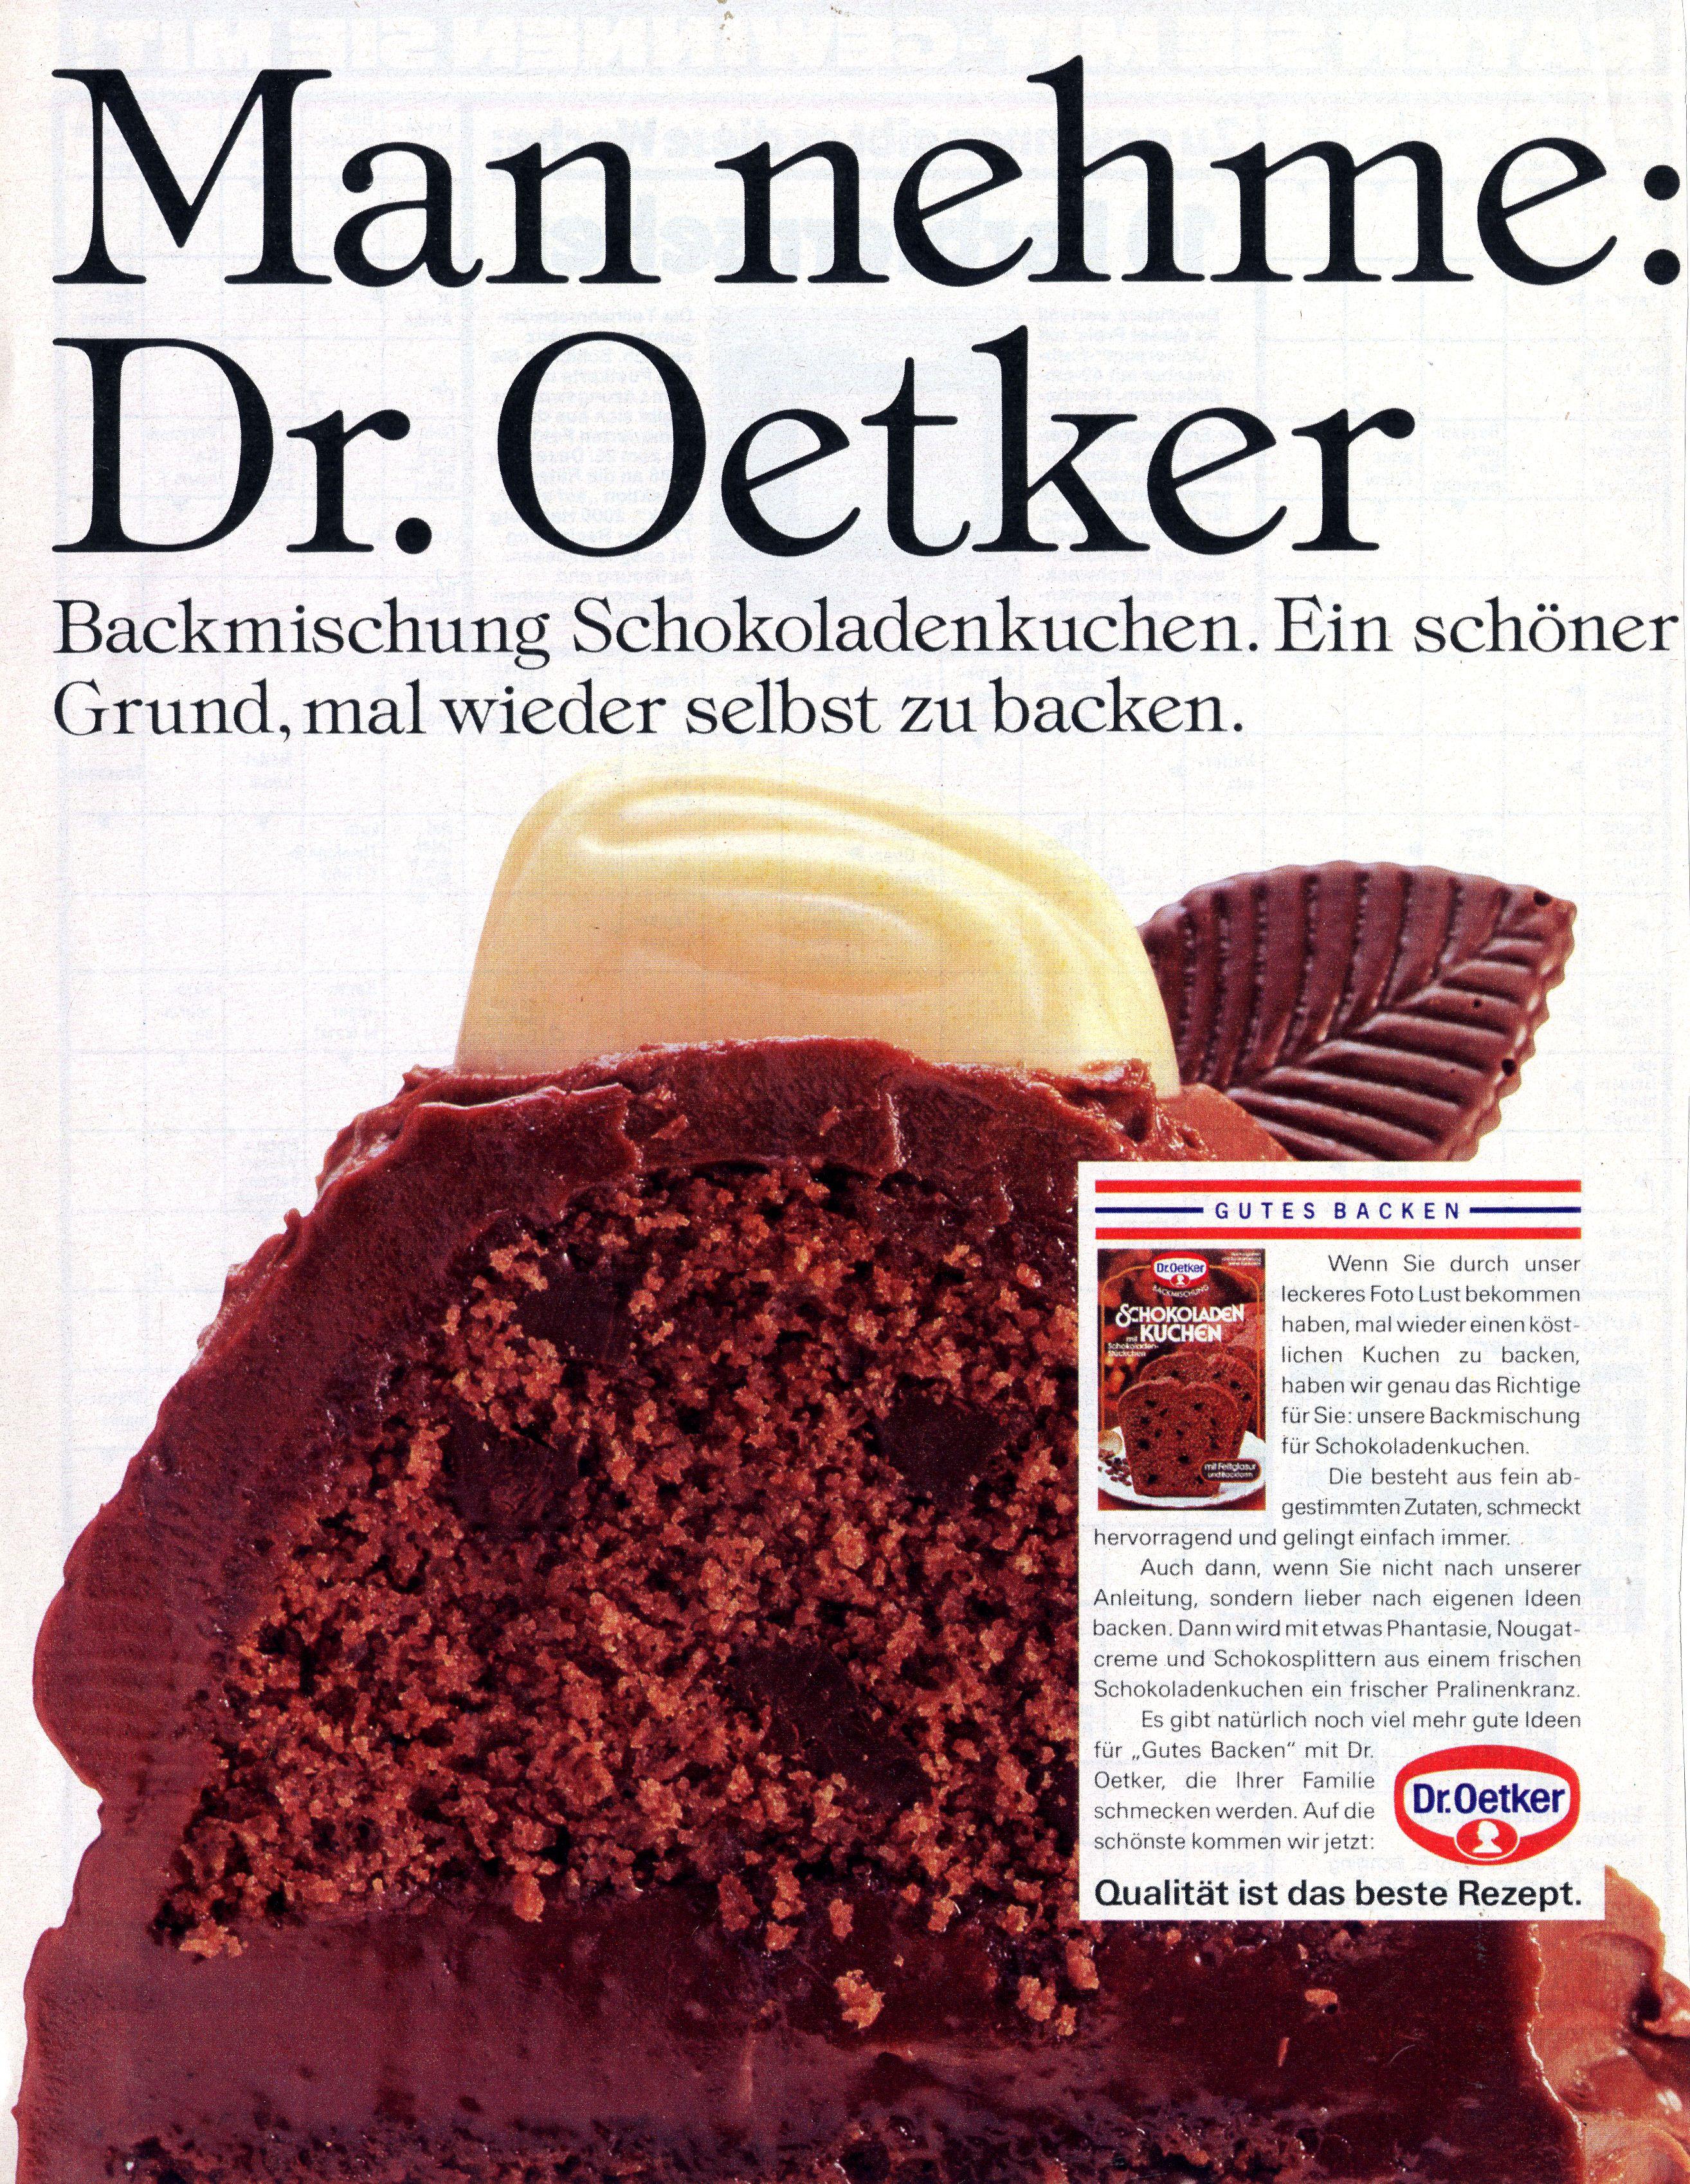 Werbeanzeige Man Nehme Dr Oetker Backmischung Schokoladenkuchen Von 1986 Oetker Firmenarchiv Oefa Oetker Oetker Schokoladenkuchen Schokoladen Kuchen